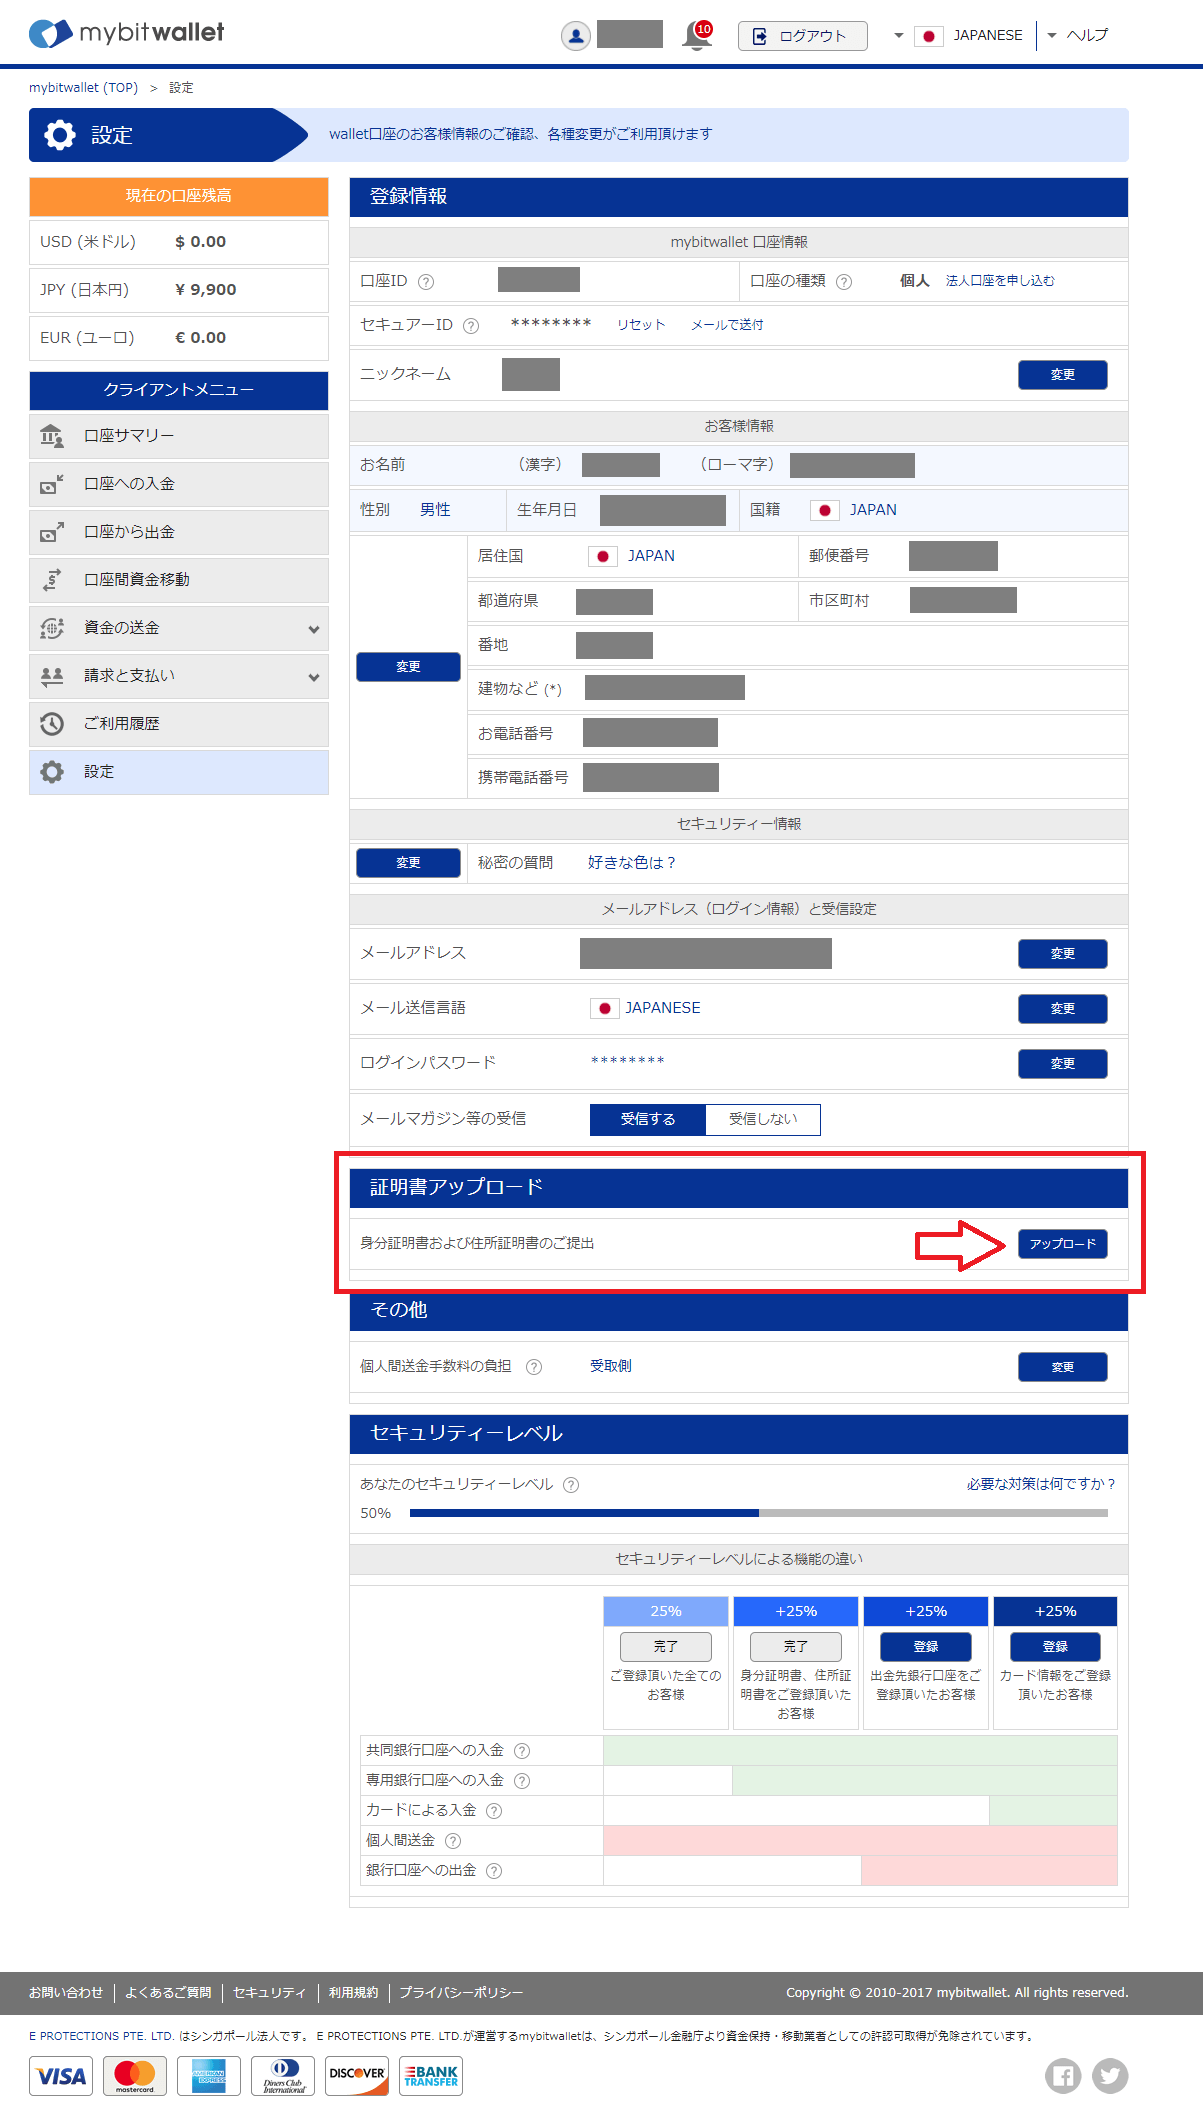 証明書アップロードの枠内にある「アップロード」ボタンをクリックする